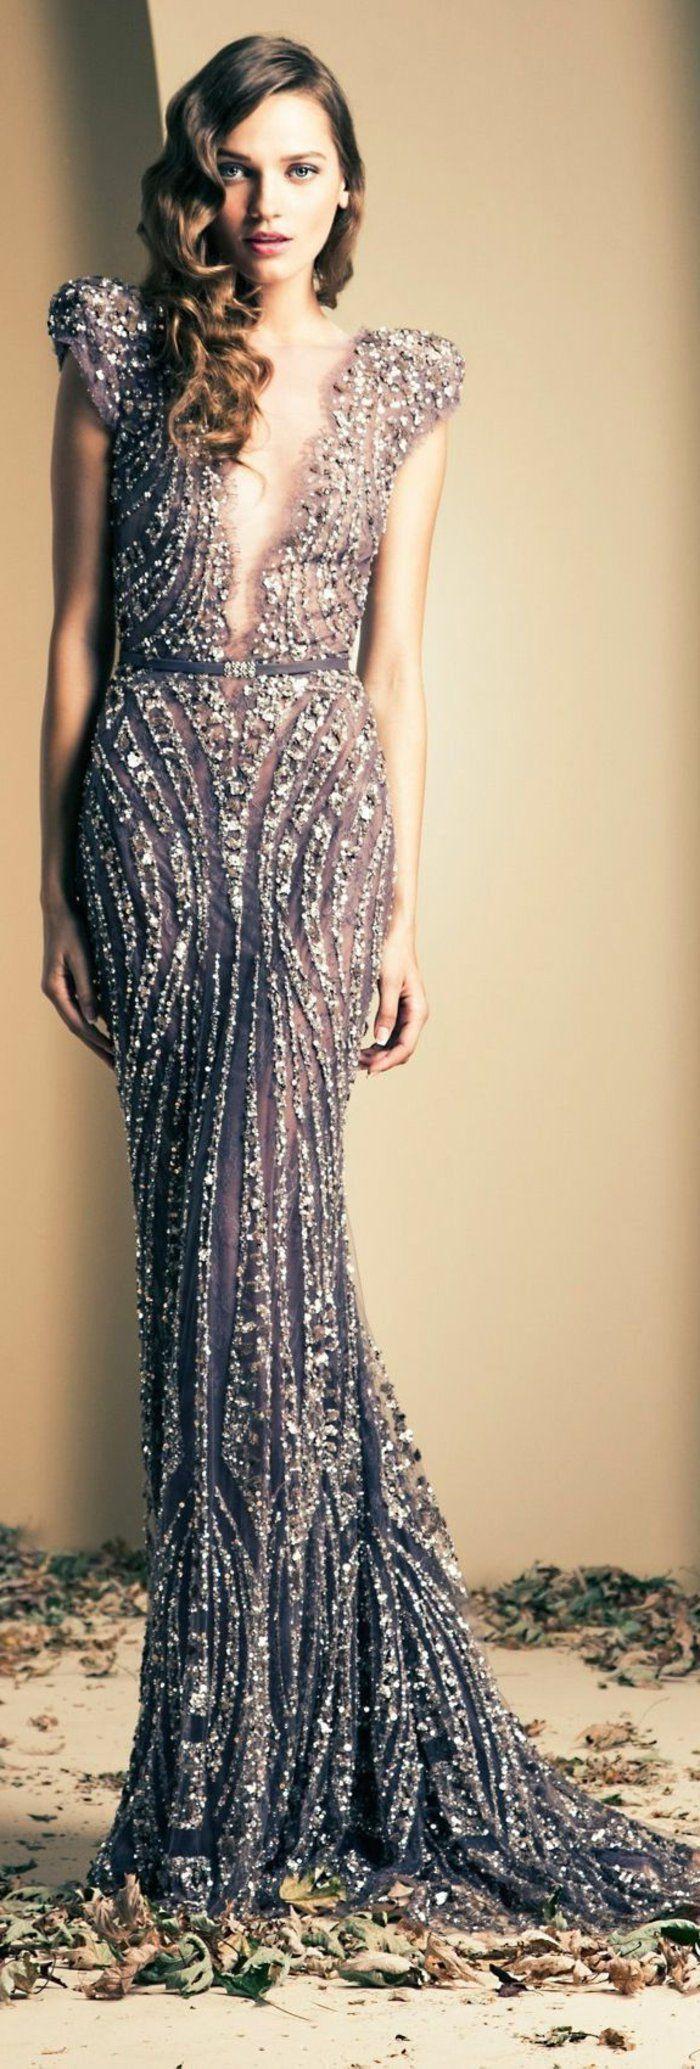 Magasin de vente de robe de soiree paris